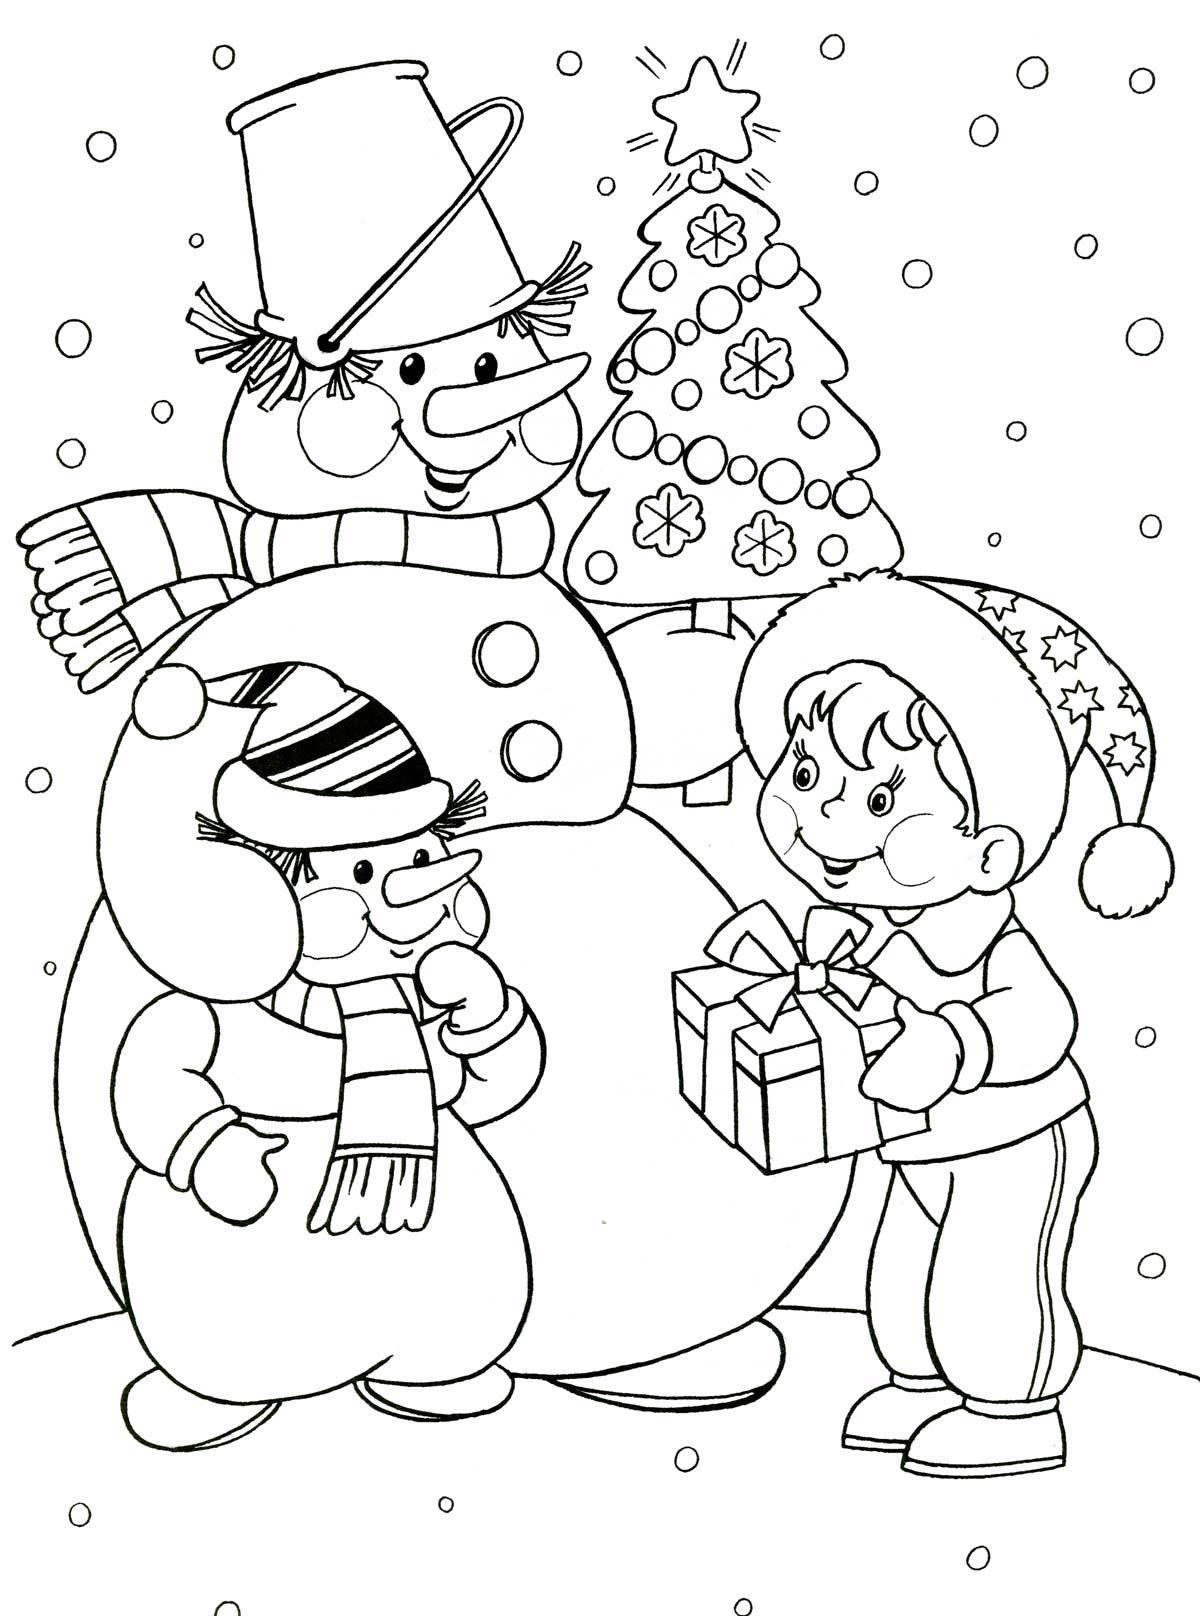 Новогодние раскраски для детей распечатать бесплатно